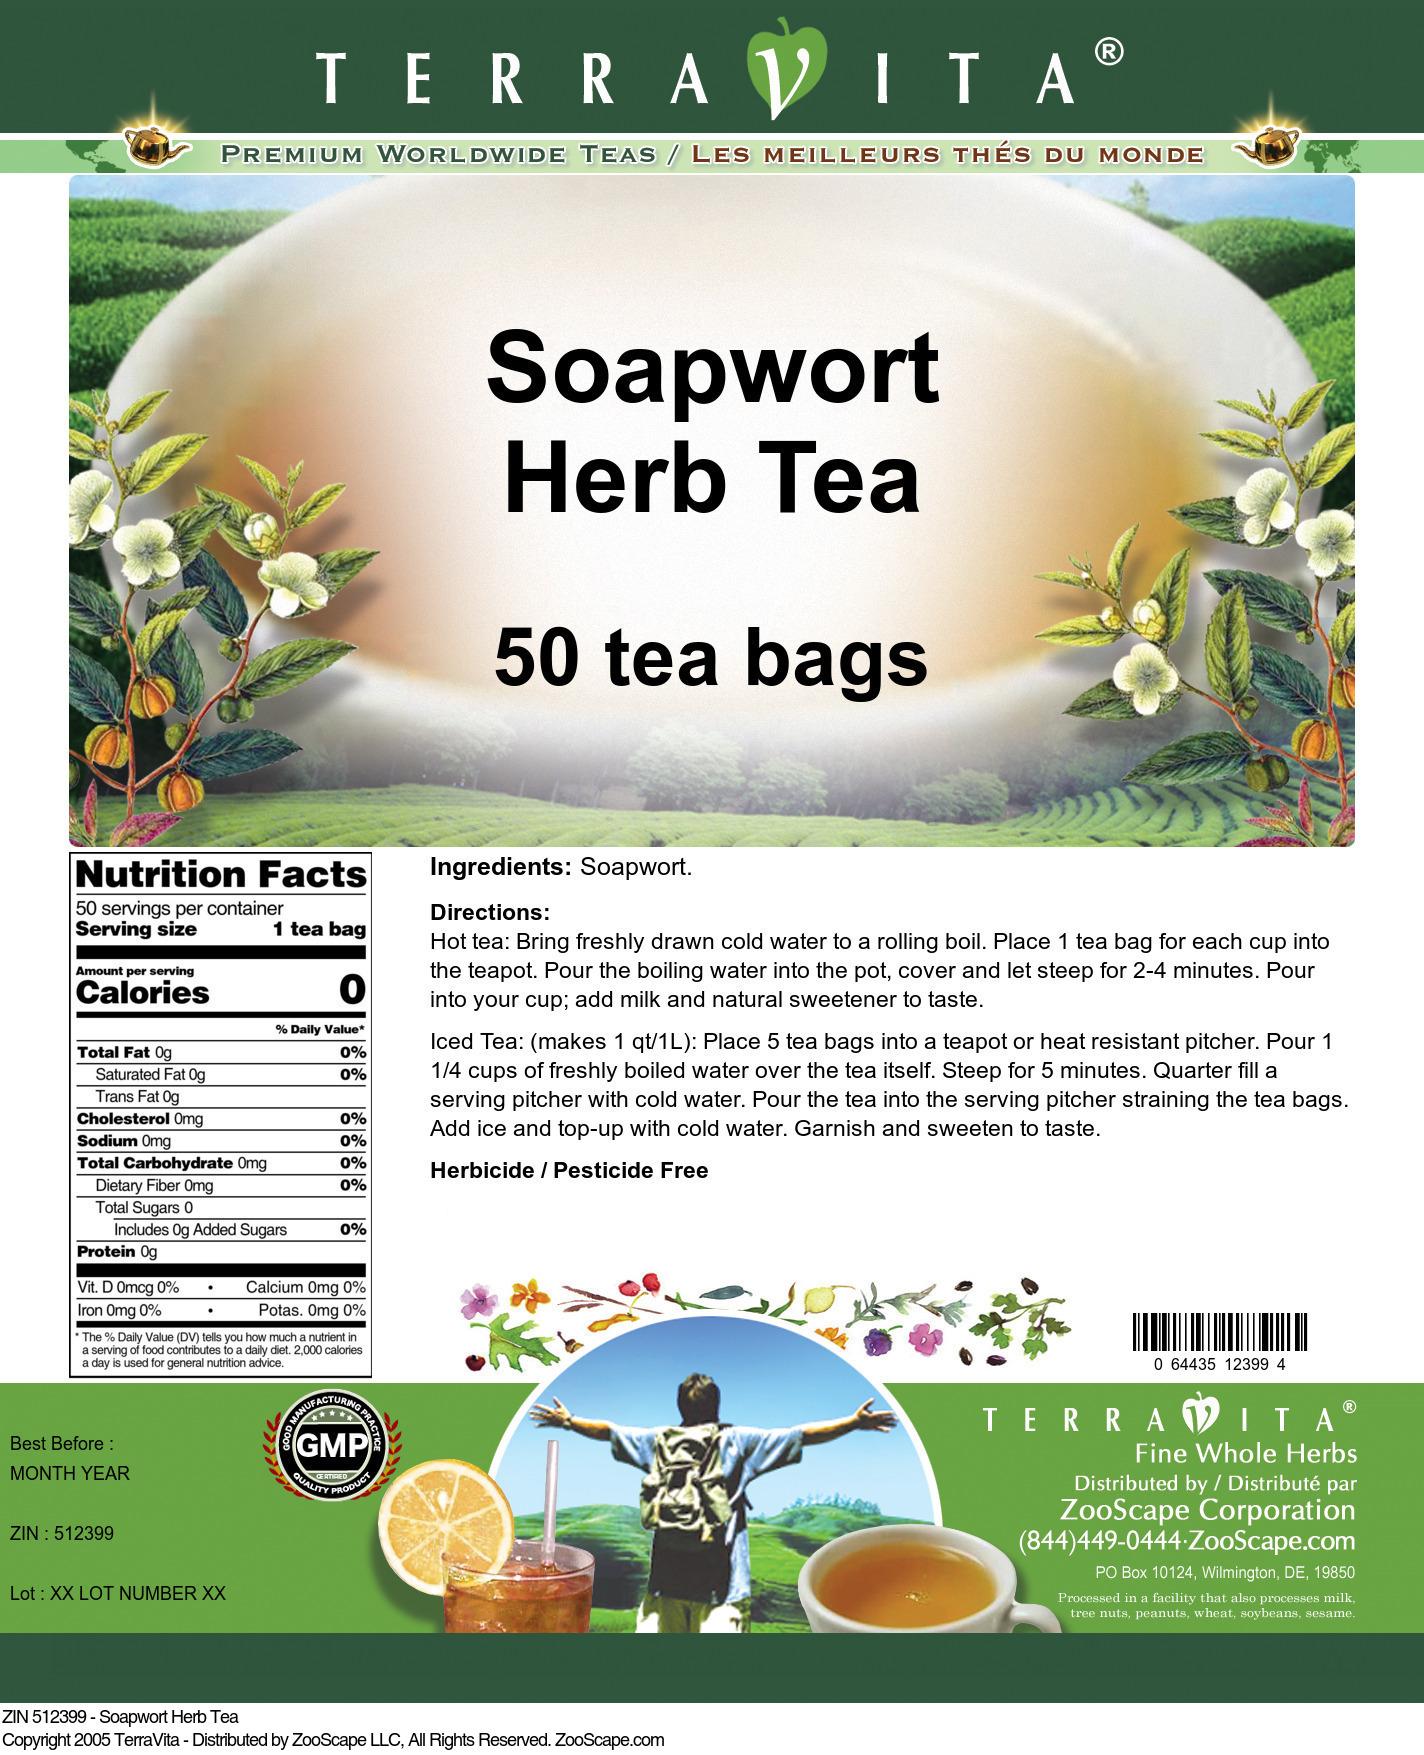 Soapwort Herb